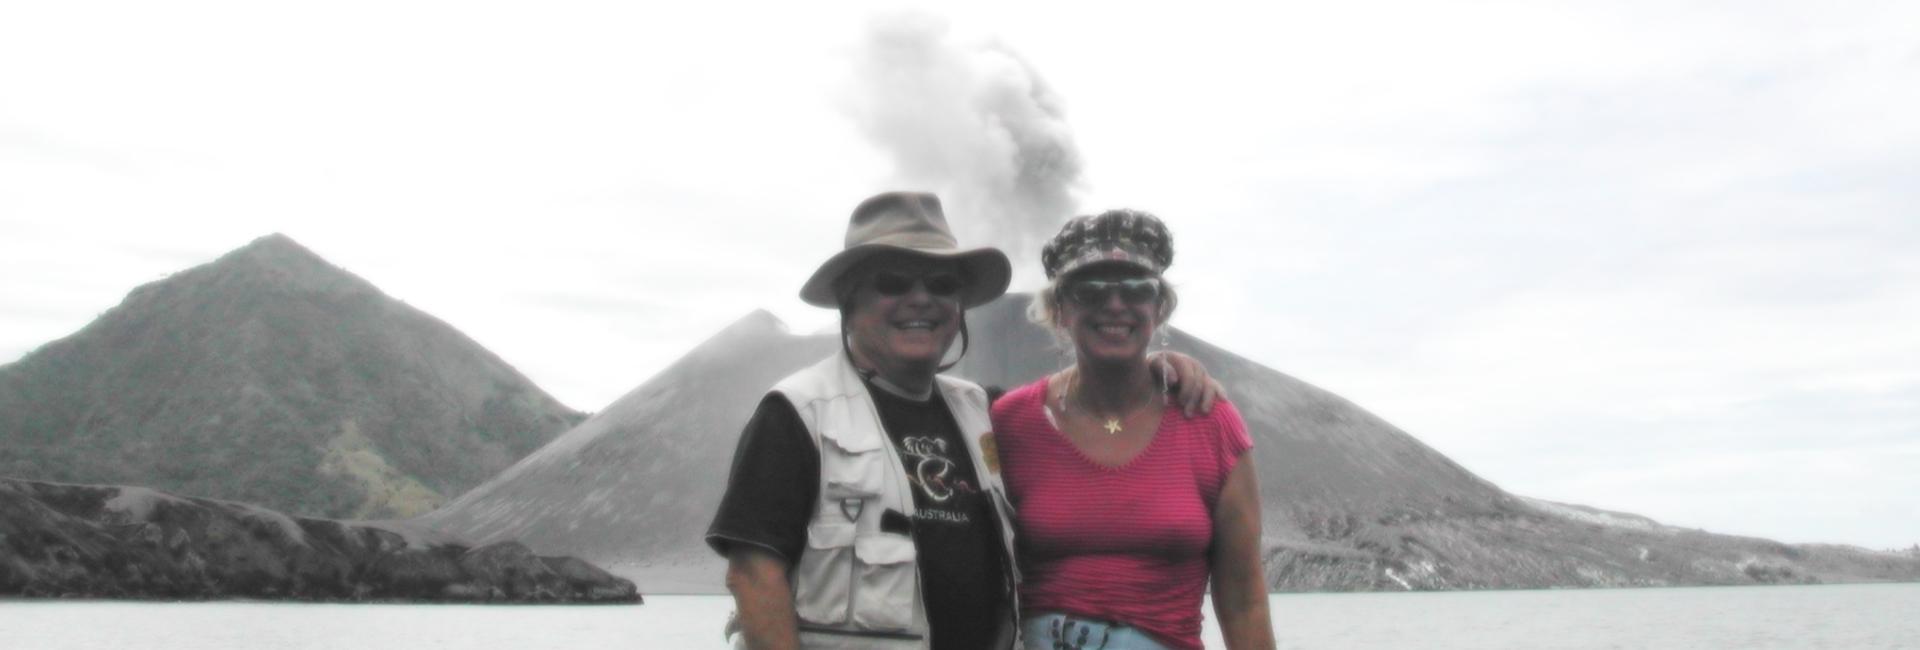 על רקע הר געש שמתפרץ כל רבע שעה בפאפואה